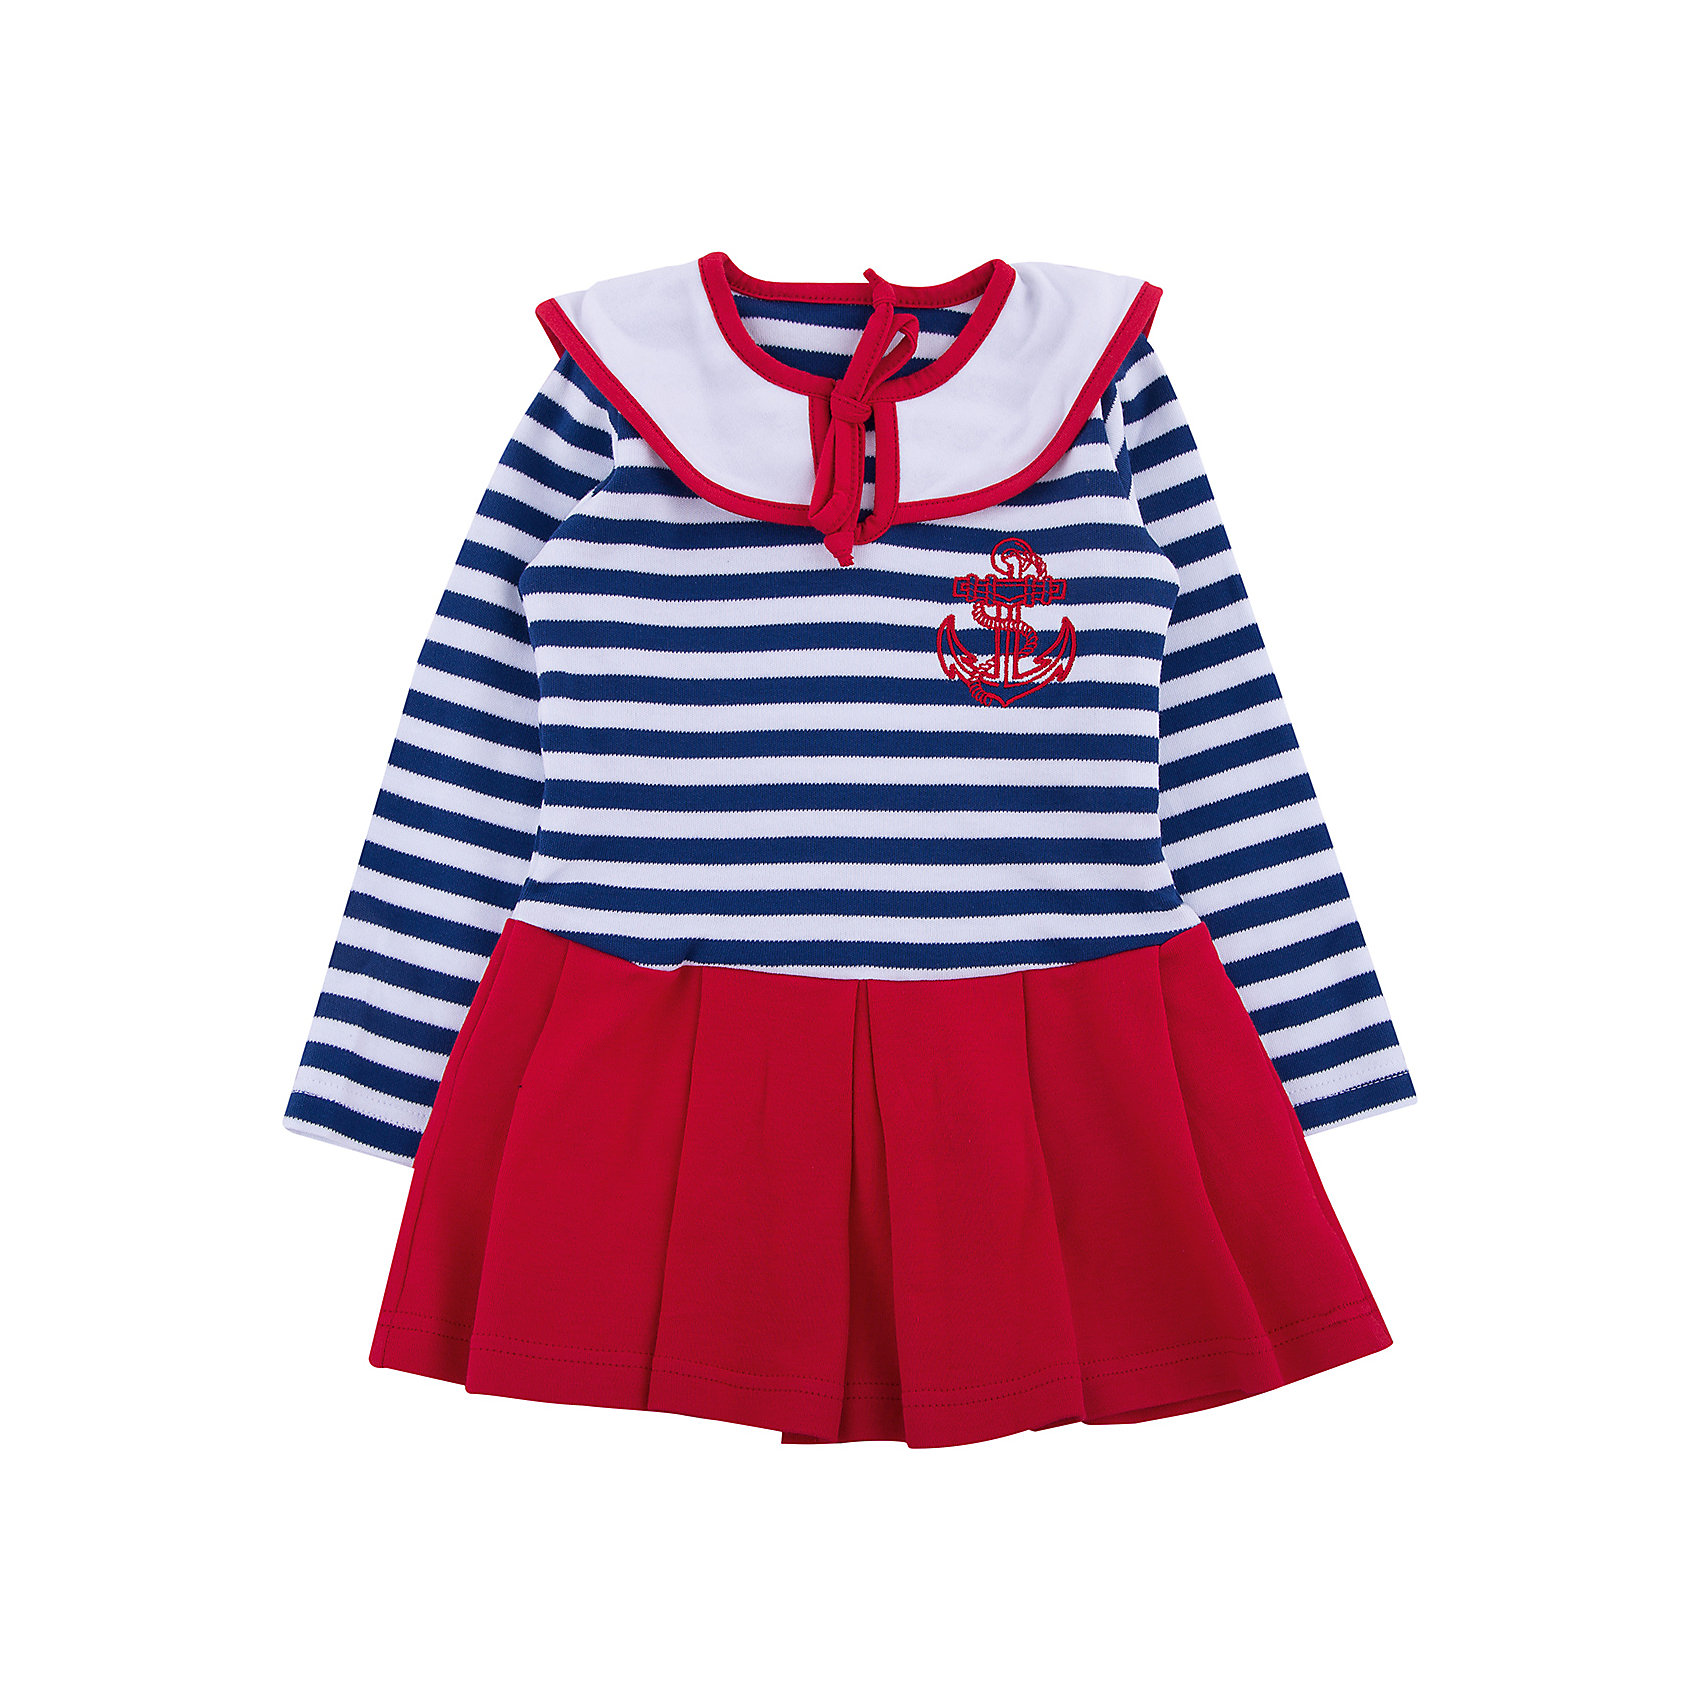 Апрель Платье для девочки Апрель девочки shoulderless длинный платье подростковый вечерние официальные платья светло фиолетовый